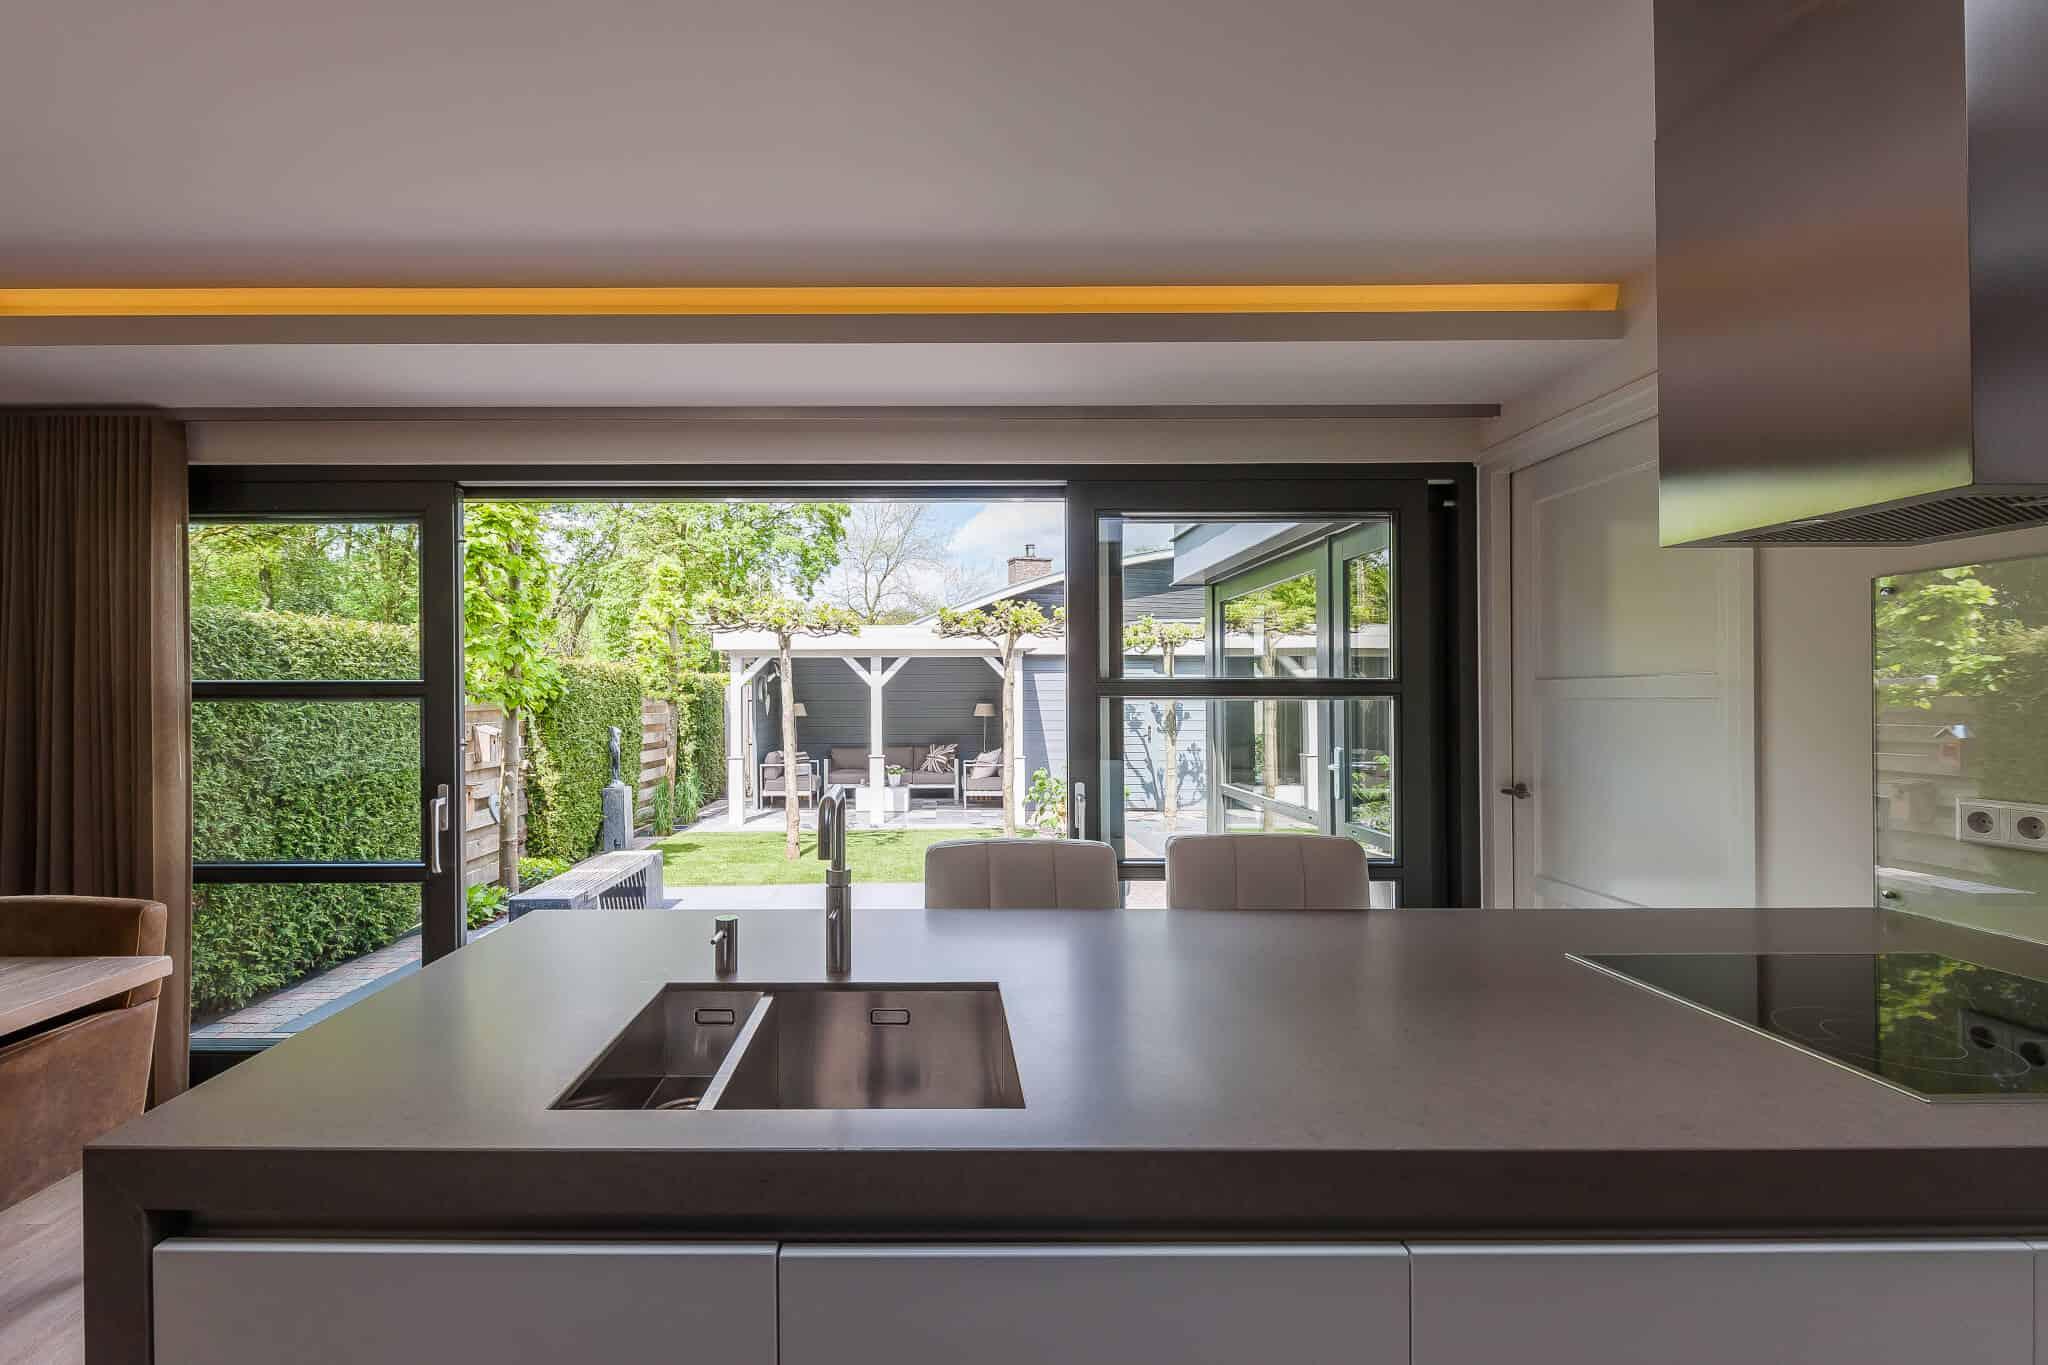 binnenhuisarchitect ontwerpt uitbouw met keuken en schuifpui Wildenberg interieur design